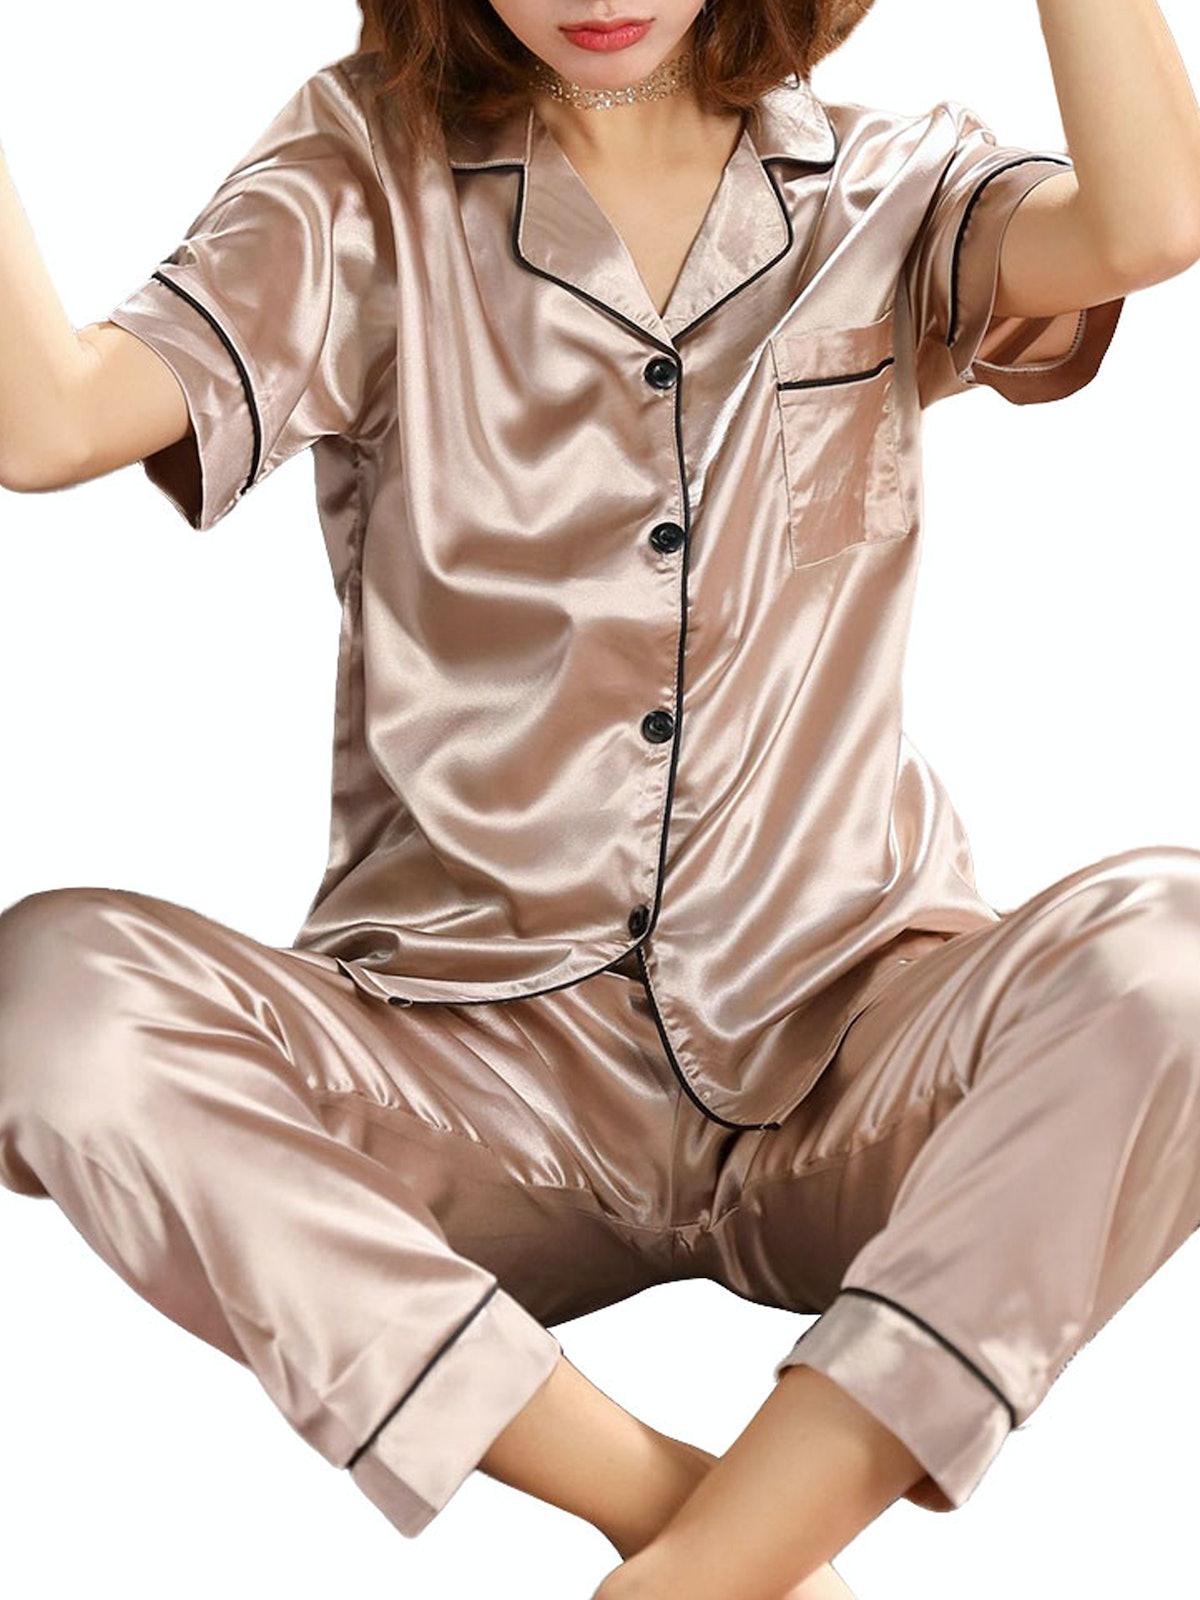 Xingqing Satin Silk Casual Homewear Pyjamas Short Sleeve Sleepwear Suits Home Nightwear